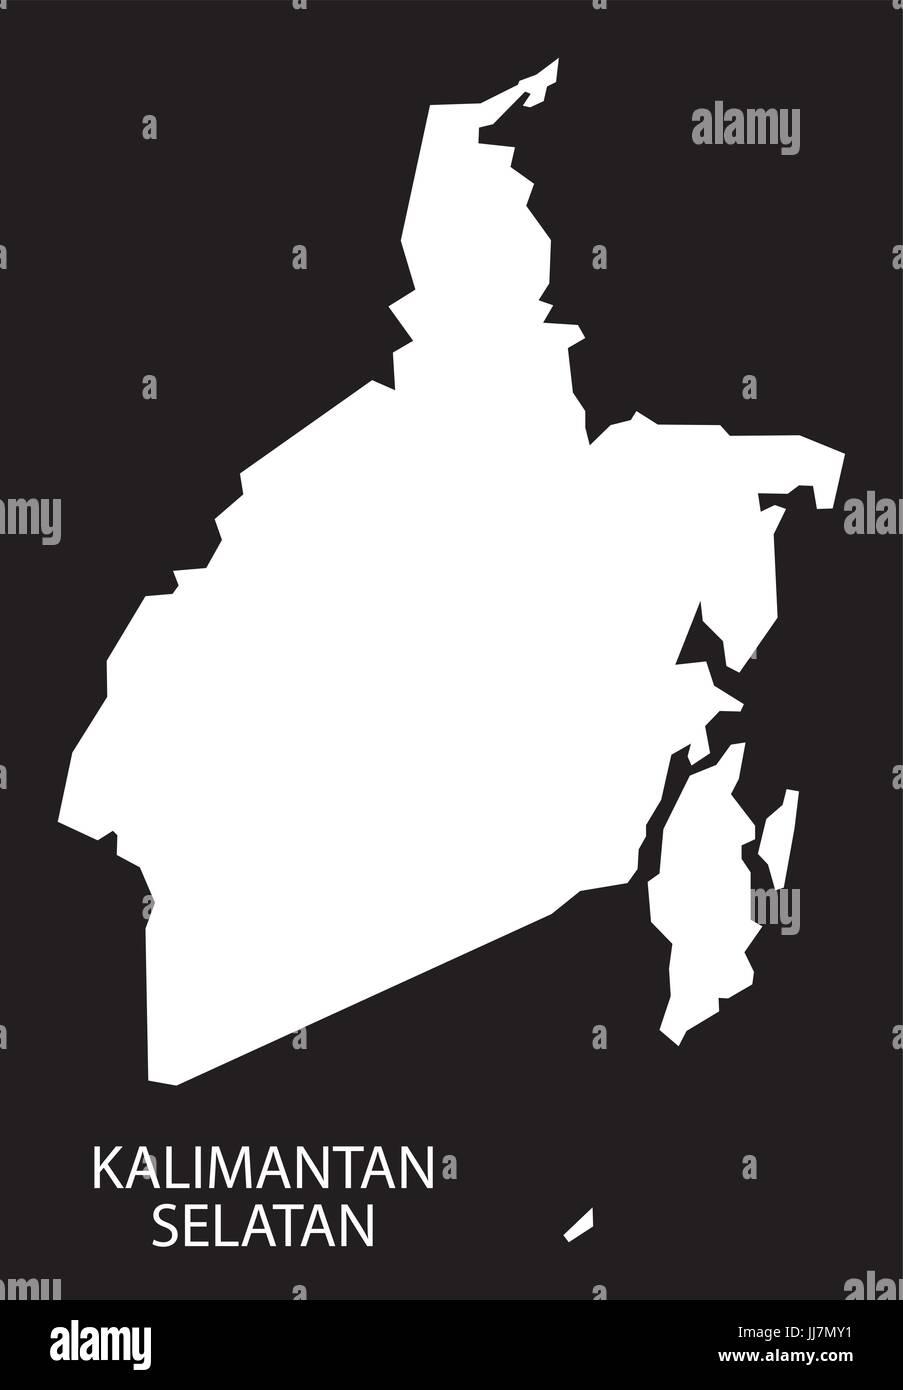 Peta Kalimantan Hitam Putih : kalimantan, hitam, putih, Kalimantan, Selatan, Indonesia, Black, Inverted, Silhouette, Stock, Vector, Image, Alamy